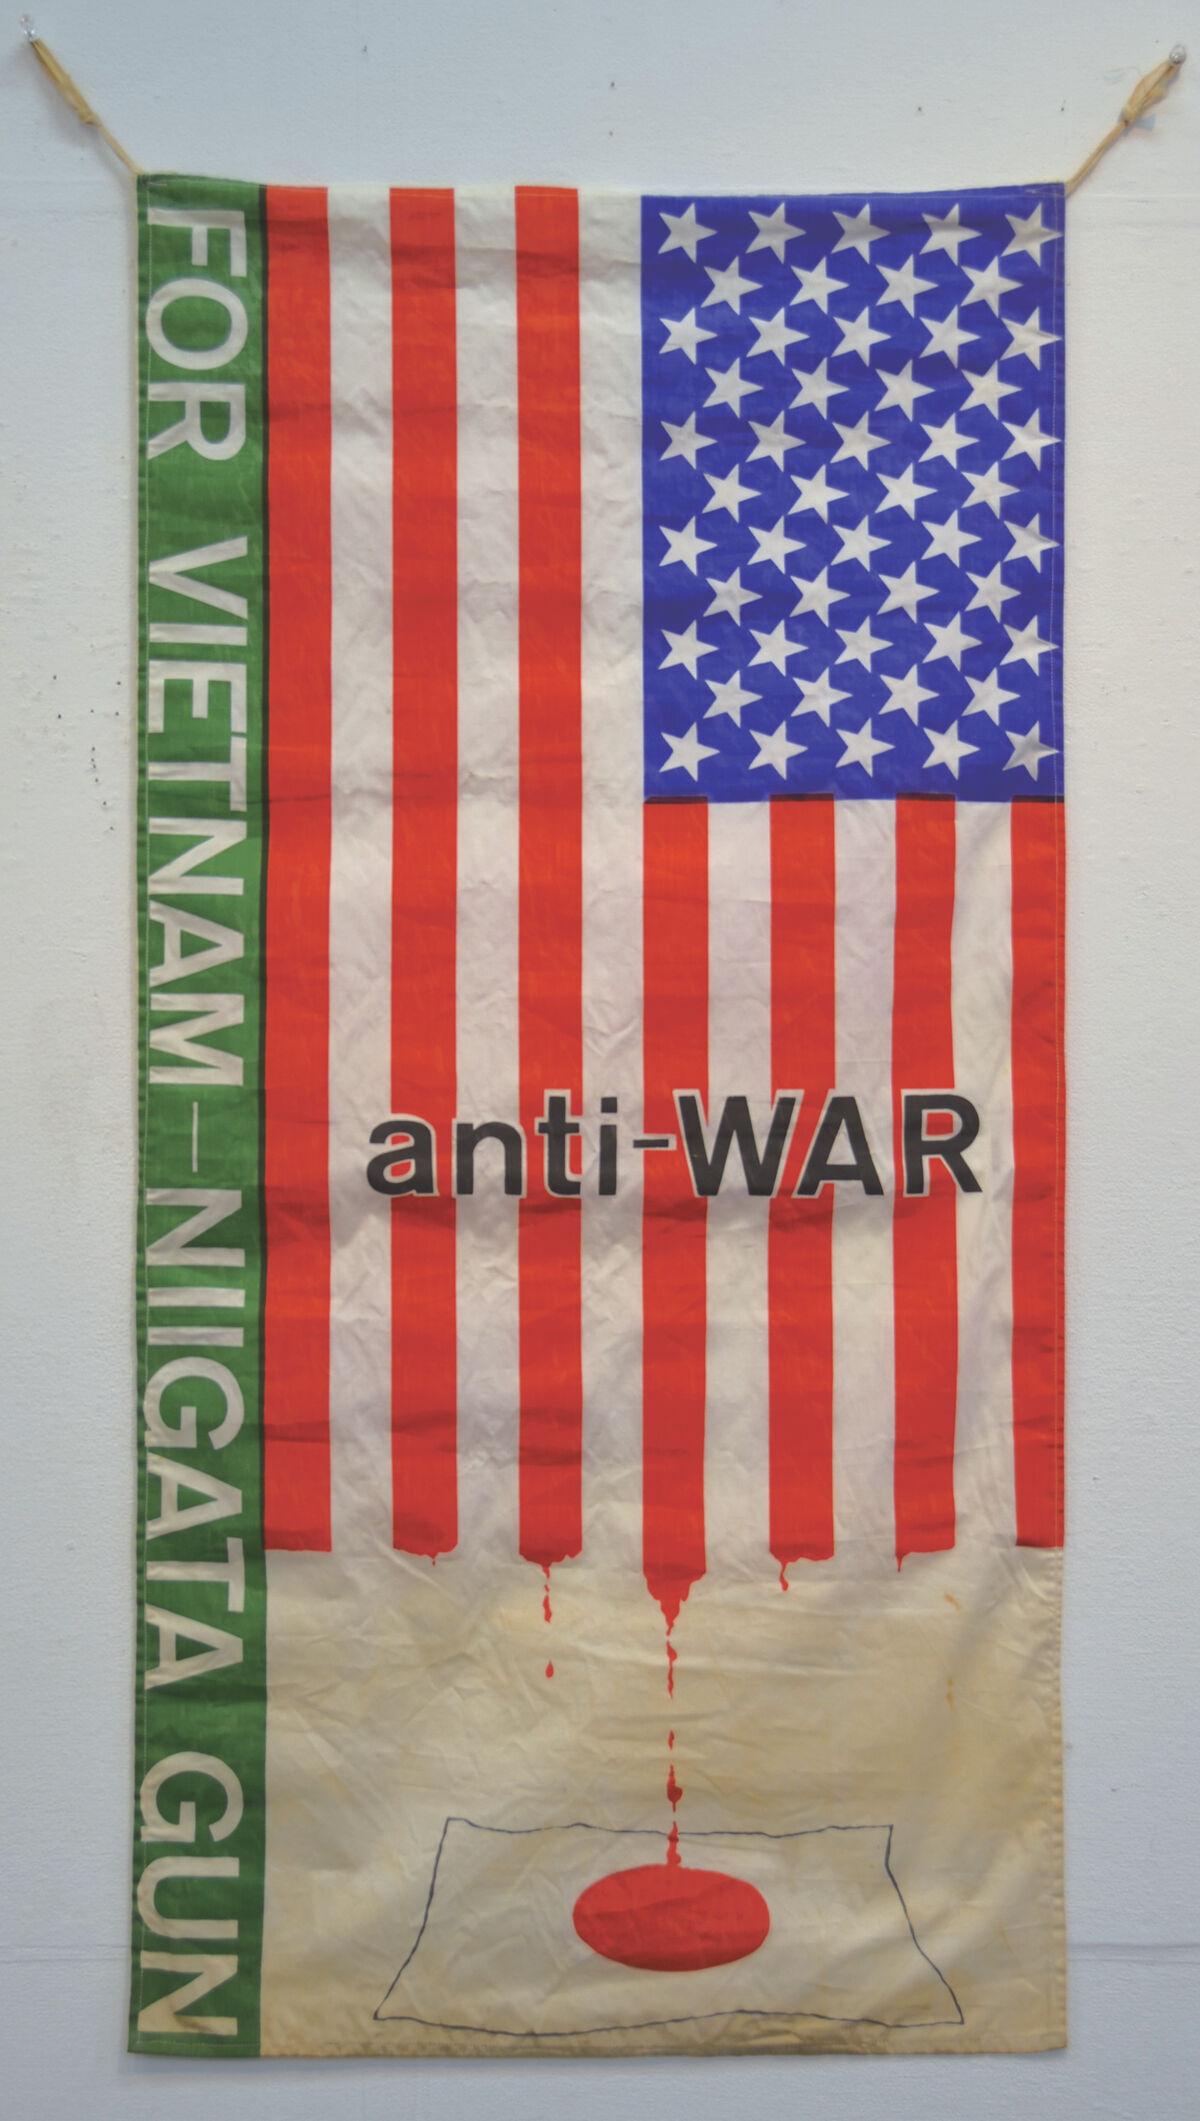 Maeyama Tadashi, Antiwar Flag, 1970. Courtesy of the Japan Society.